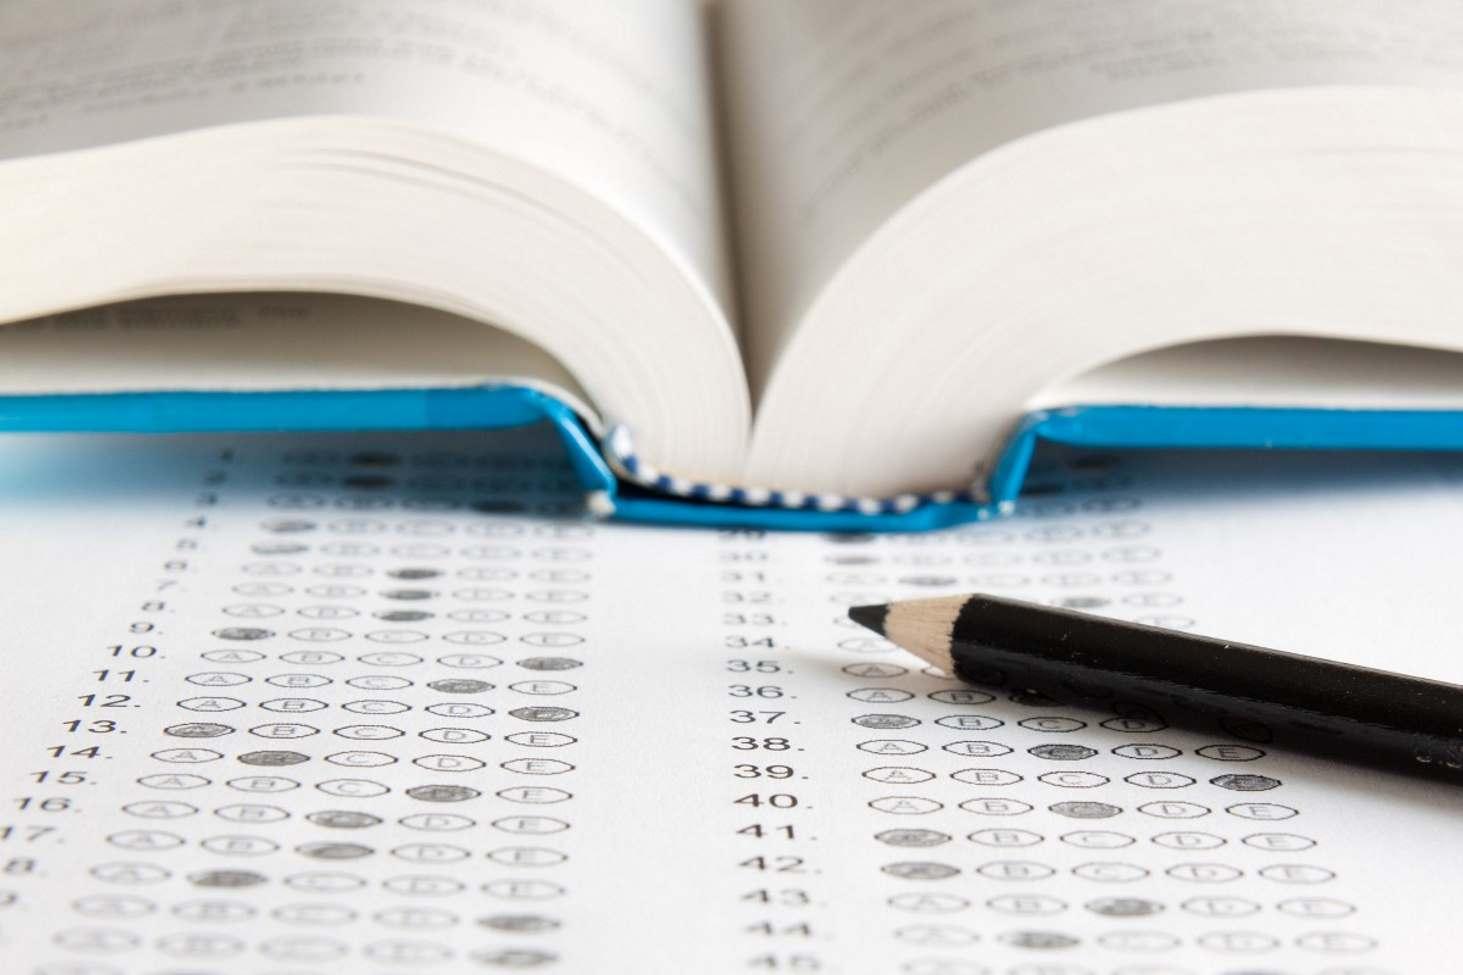 Экспертиза школьных учебных пособий станет государственной